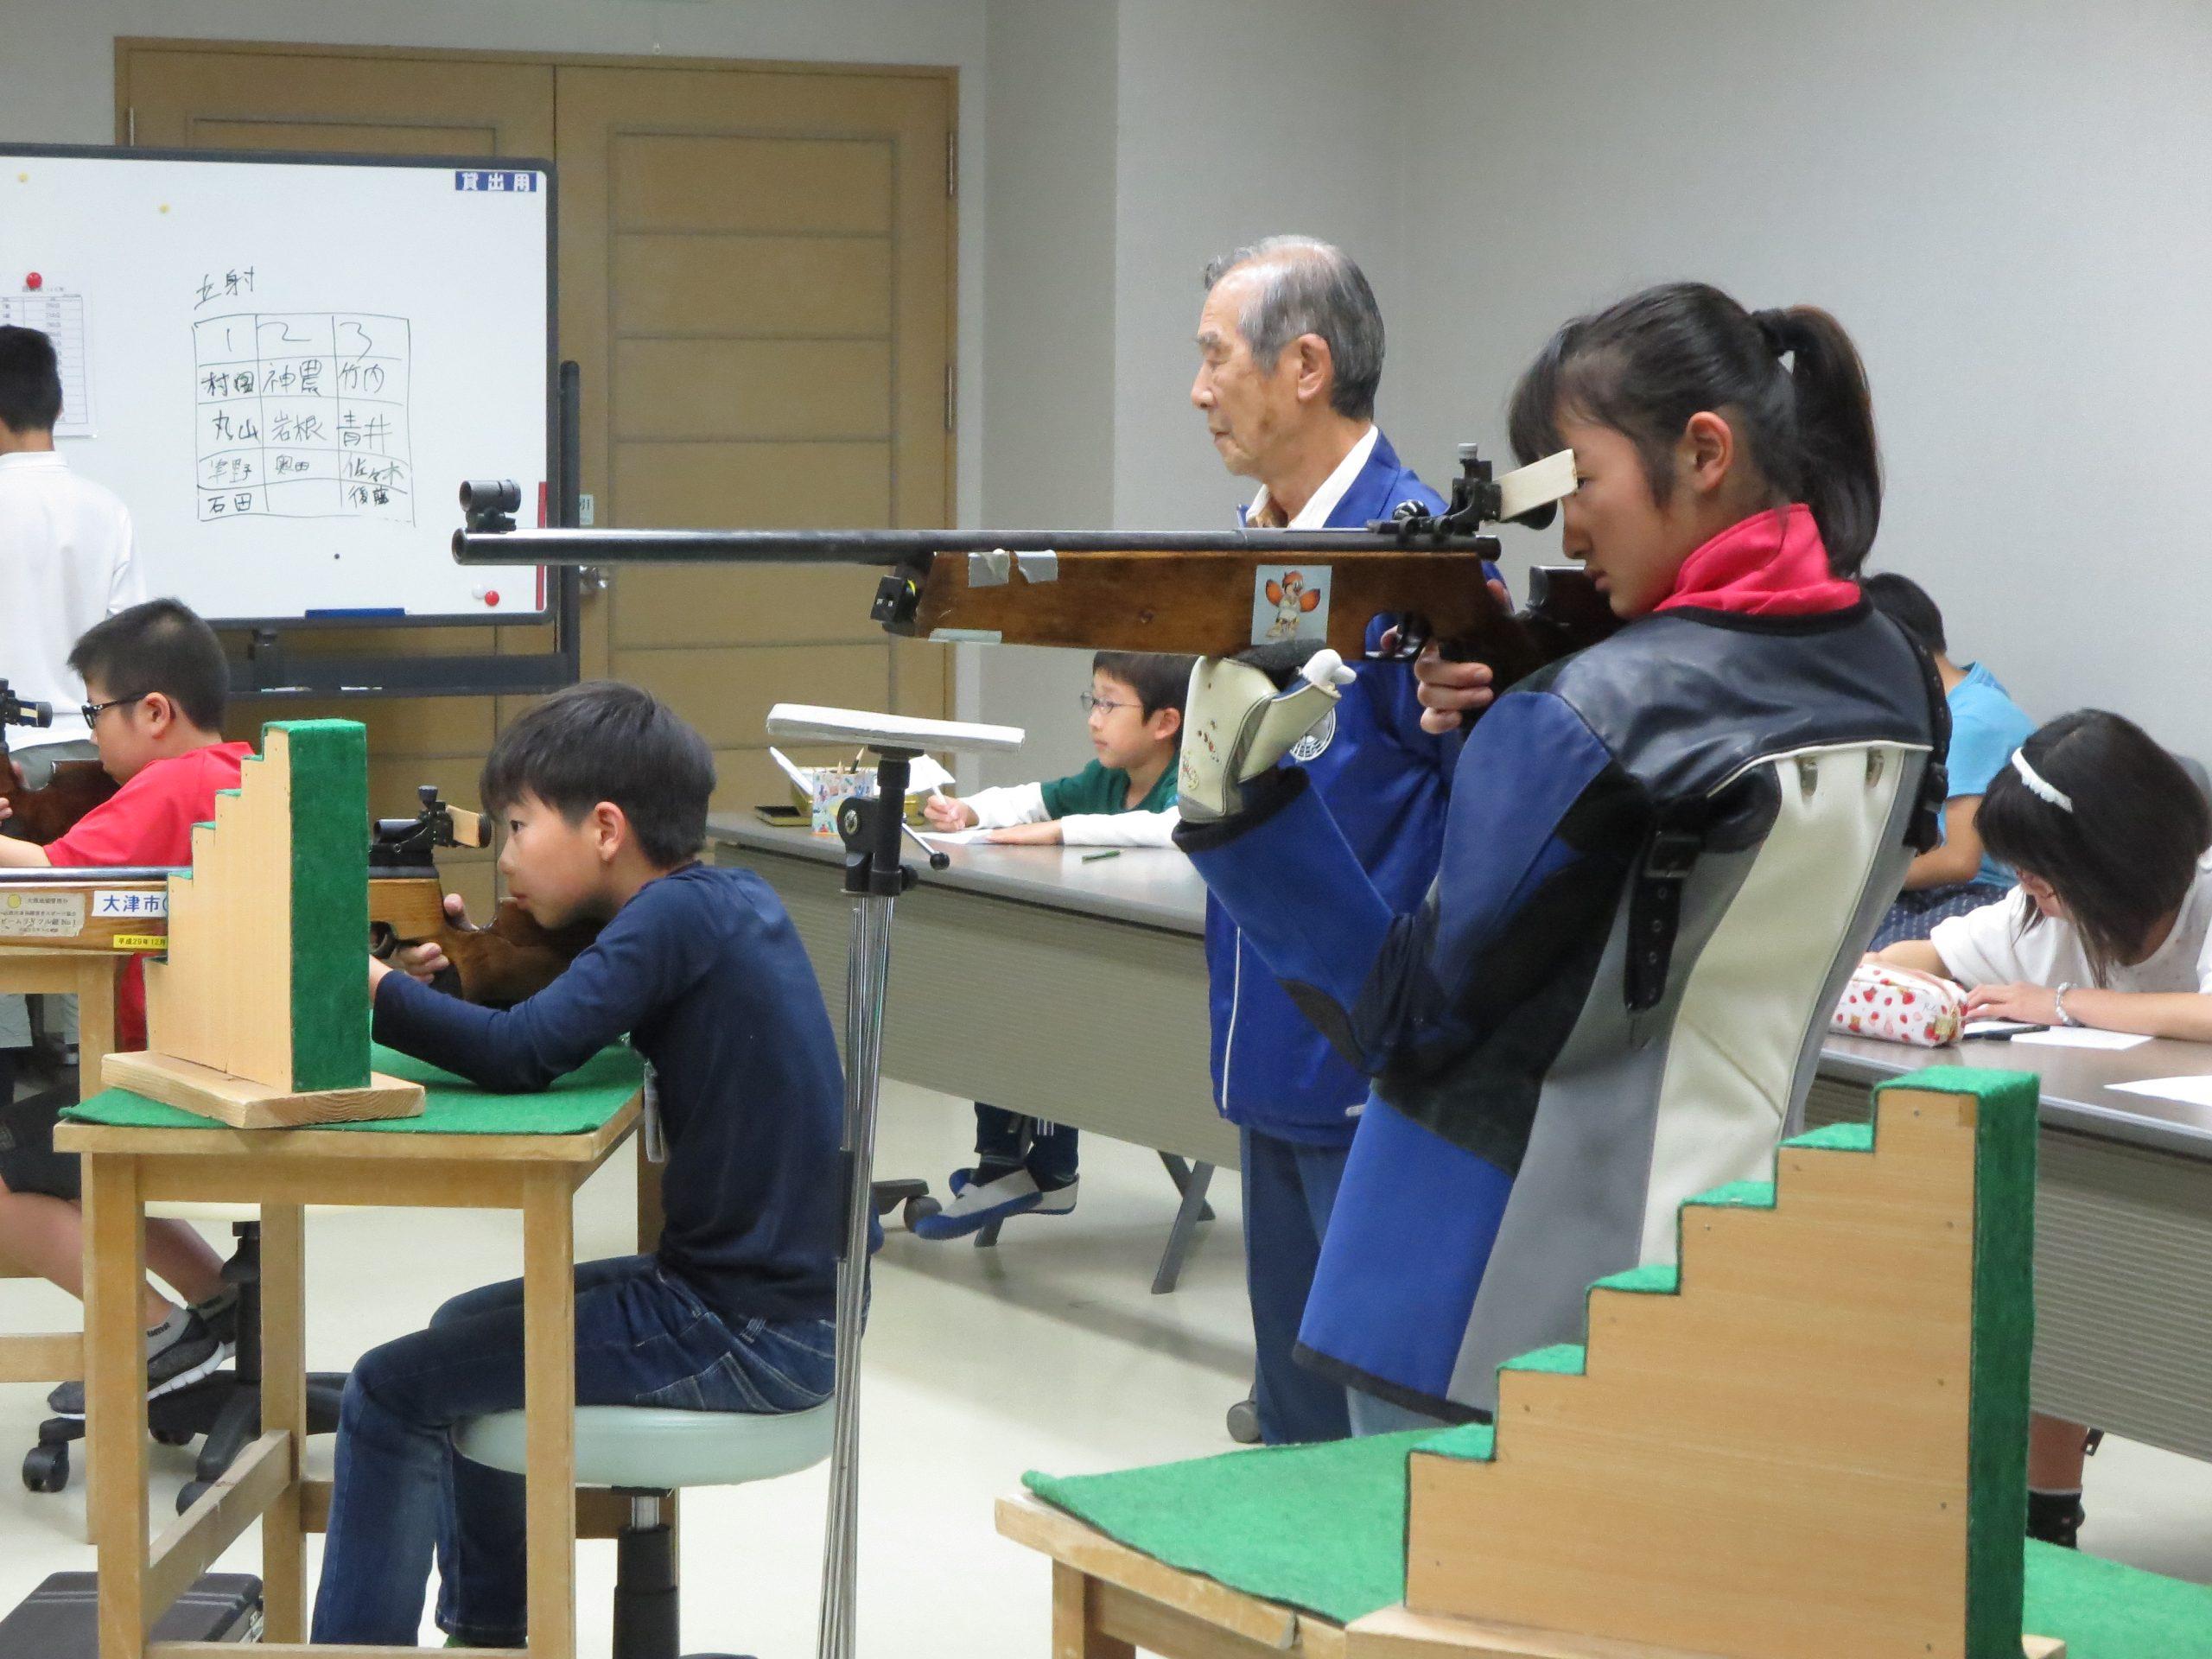 第1回ビームライフル射撃記録会開催しました(12/2)